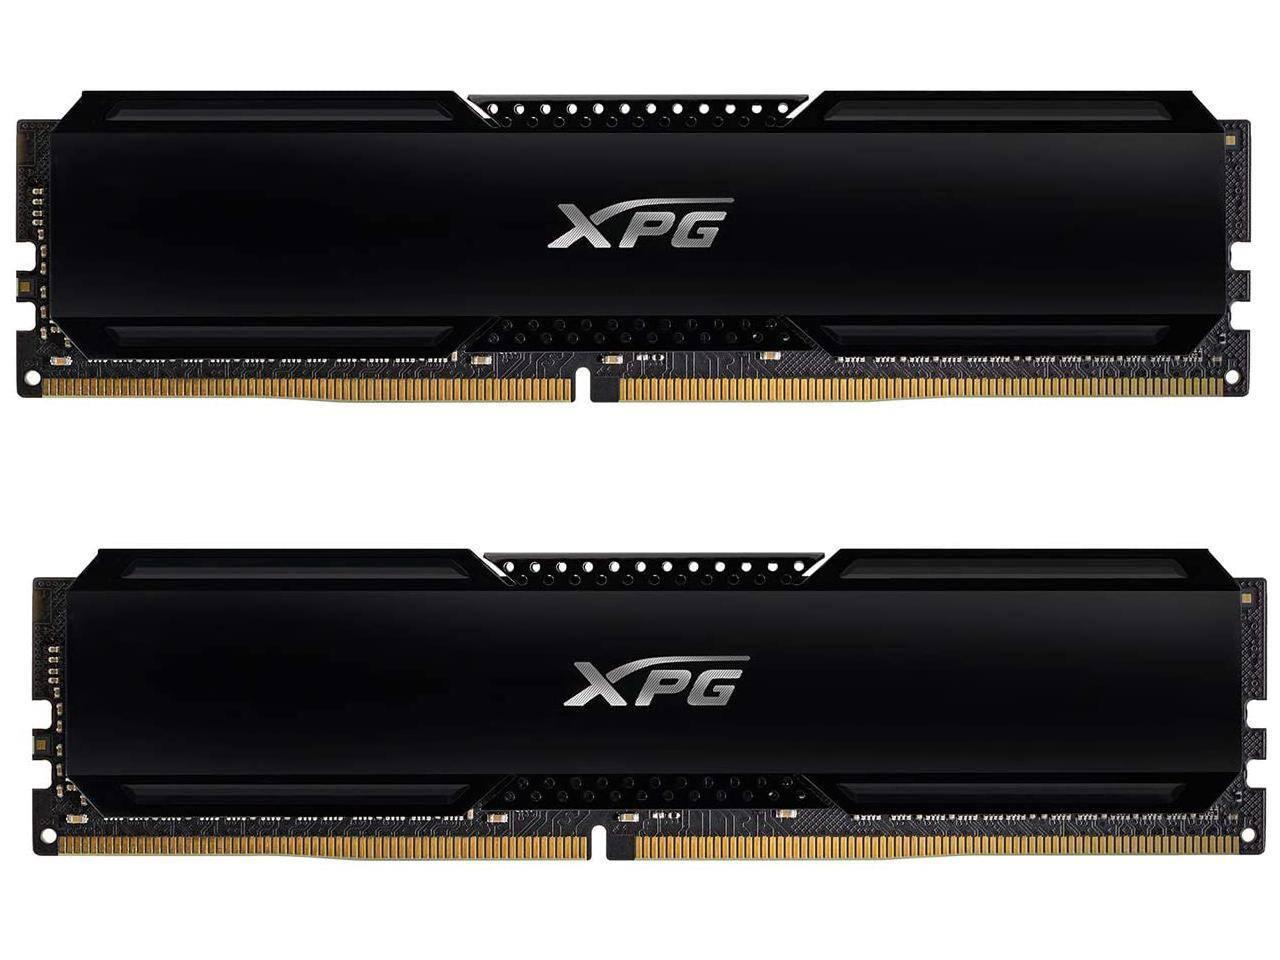 16GB (2x 8GB) ADATA/XPG RGB DDR4 3200 CL16 Desktop RAM @Newegg $69.99 + FS